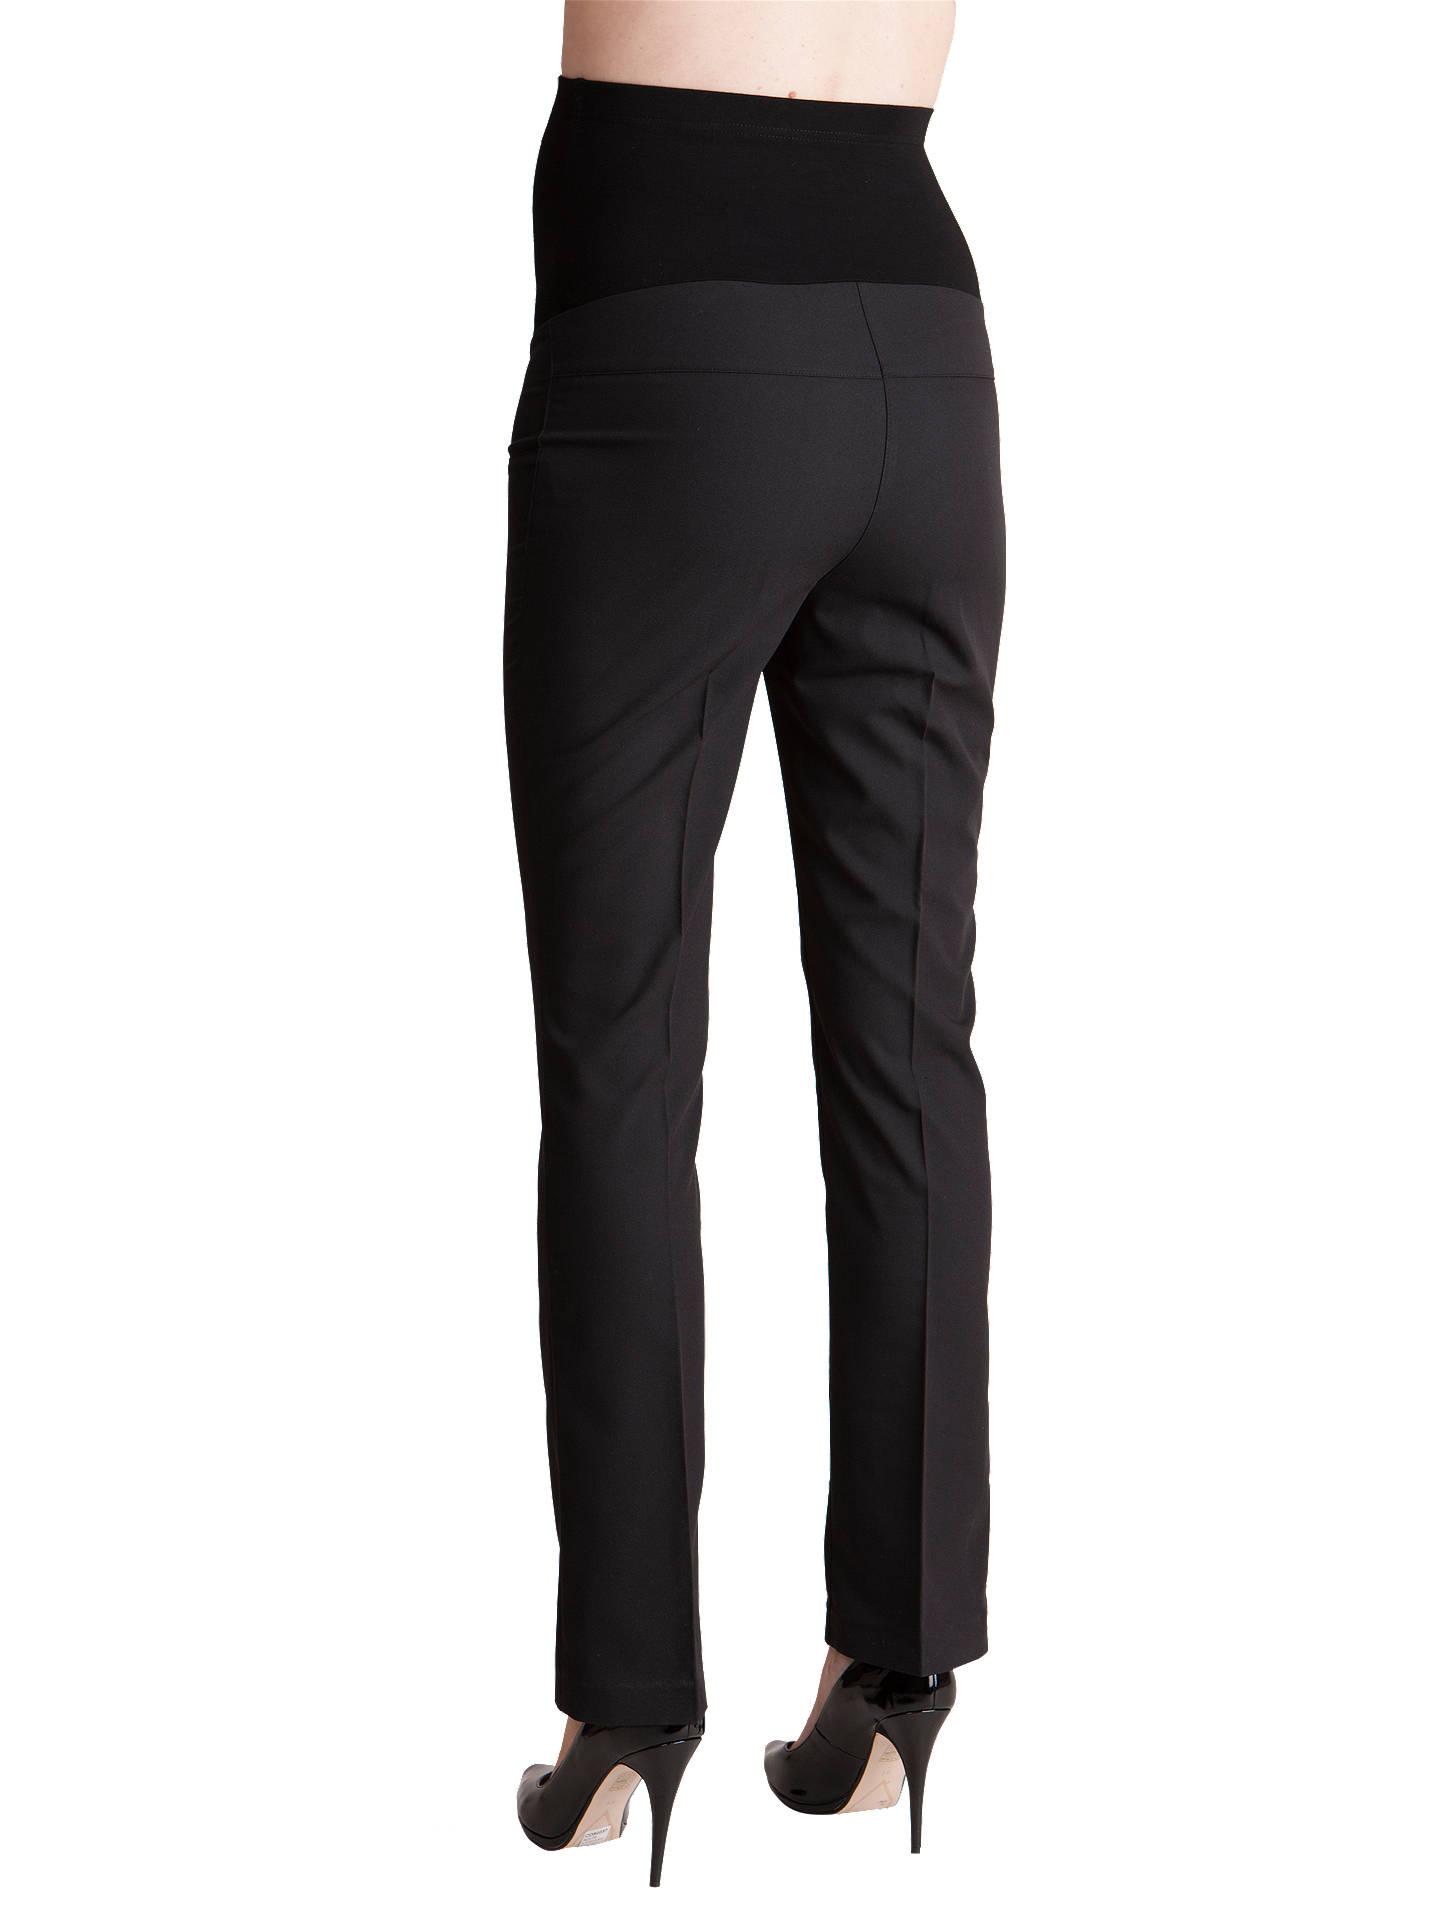 5b243bb0c91ce Black Maternity Dress Pants Petite – DACC